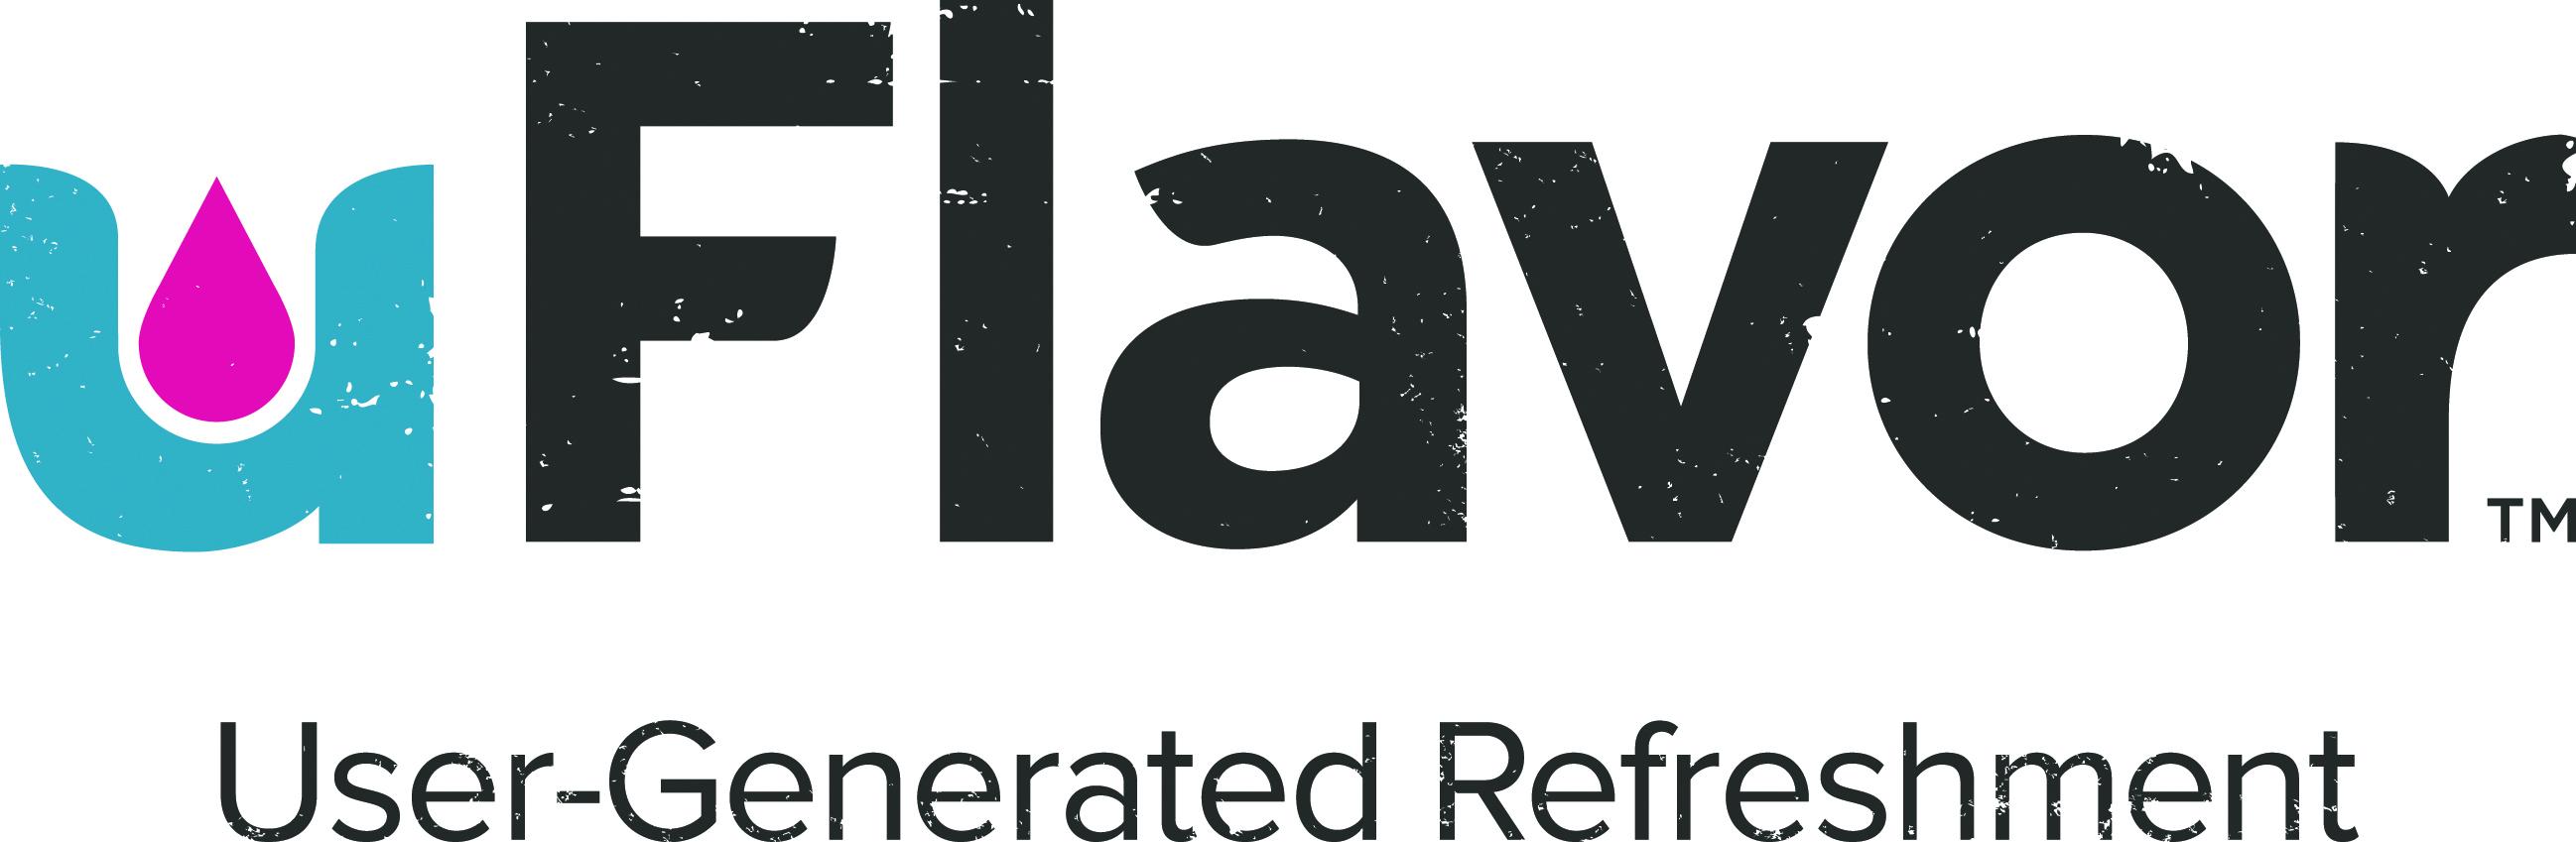 uflavor_logo